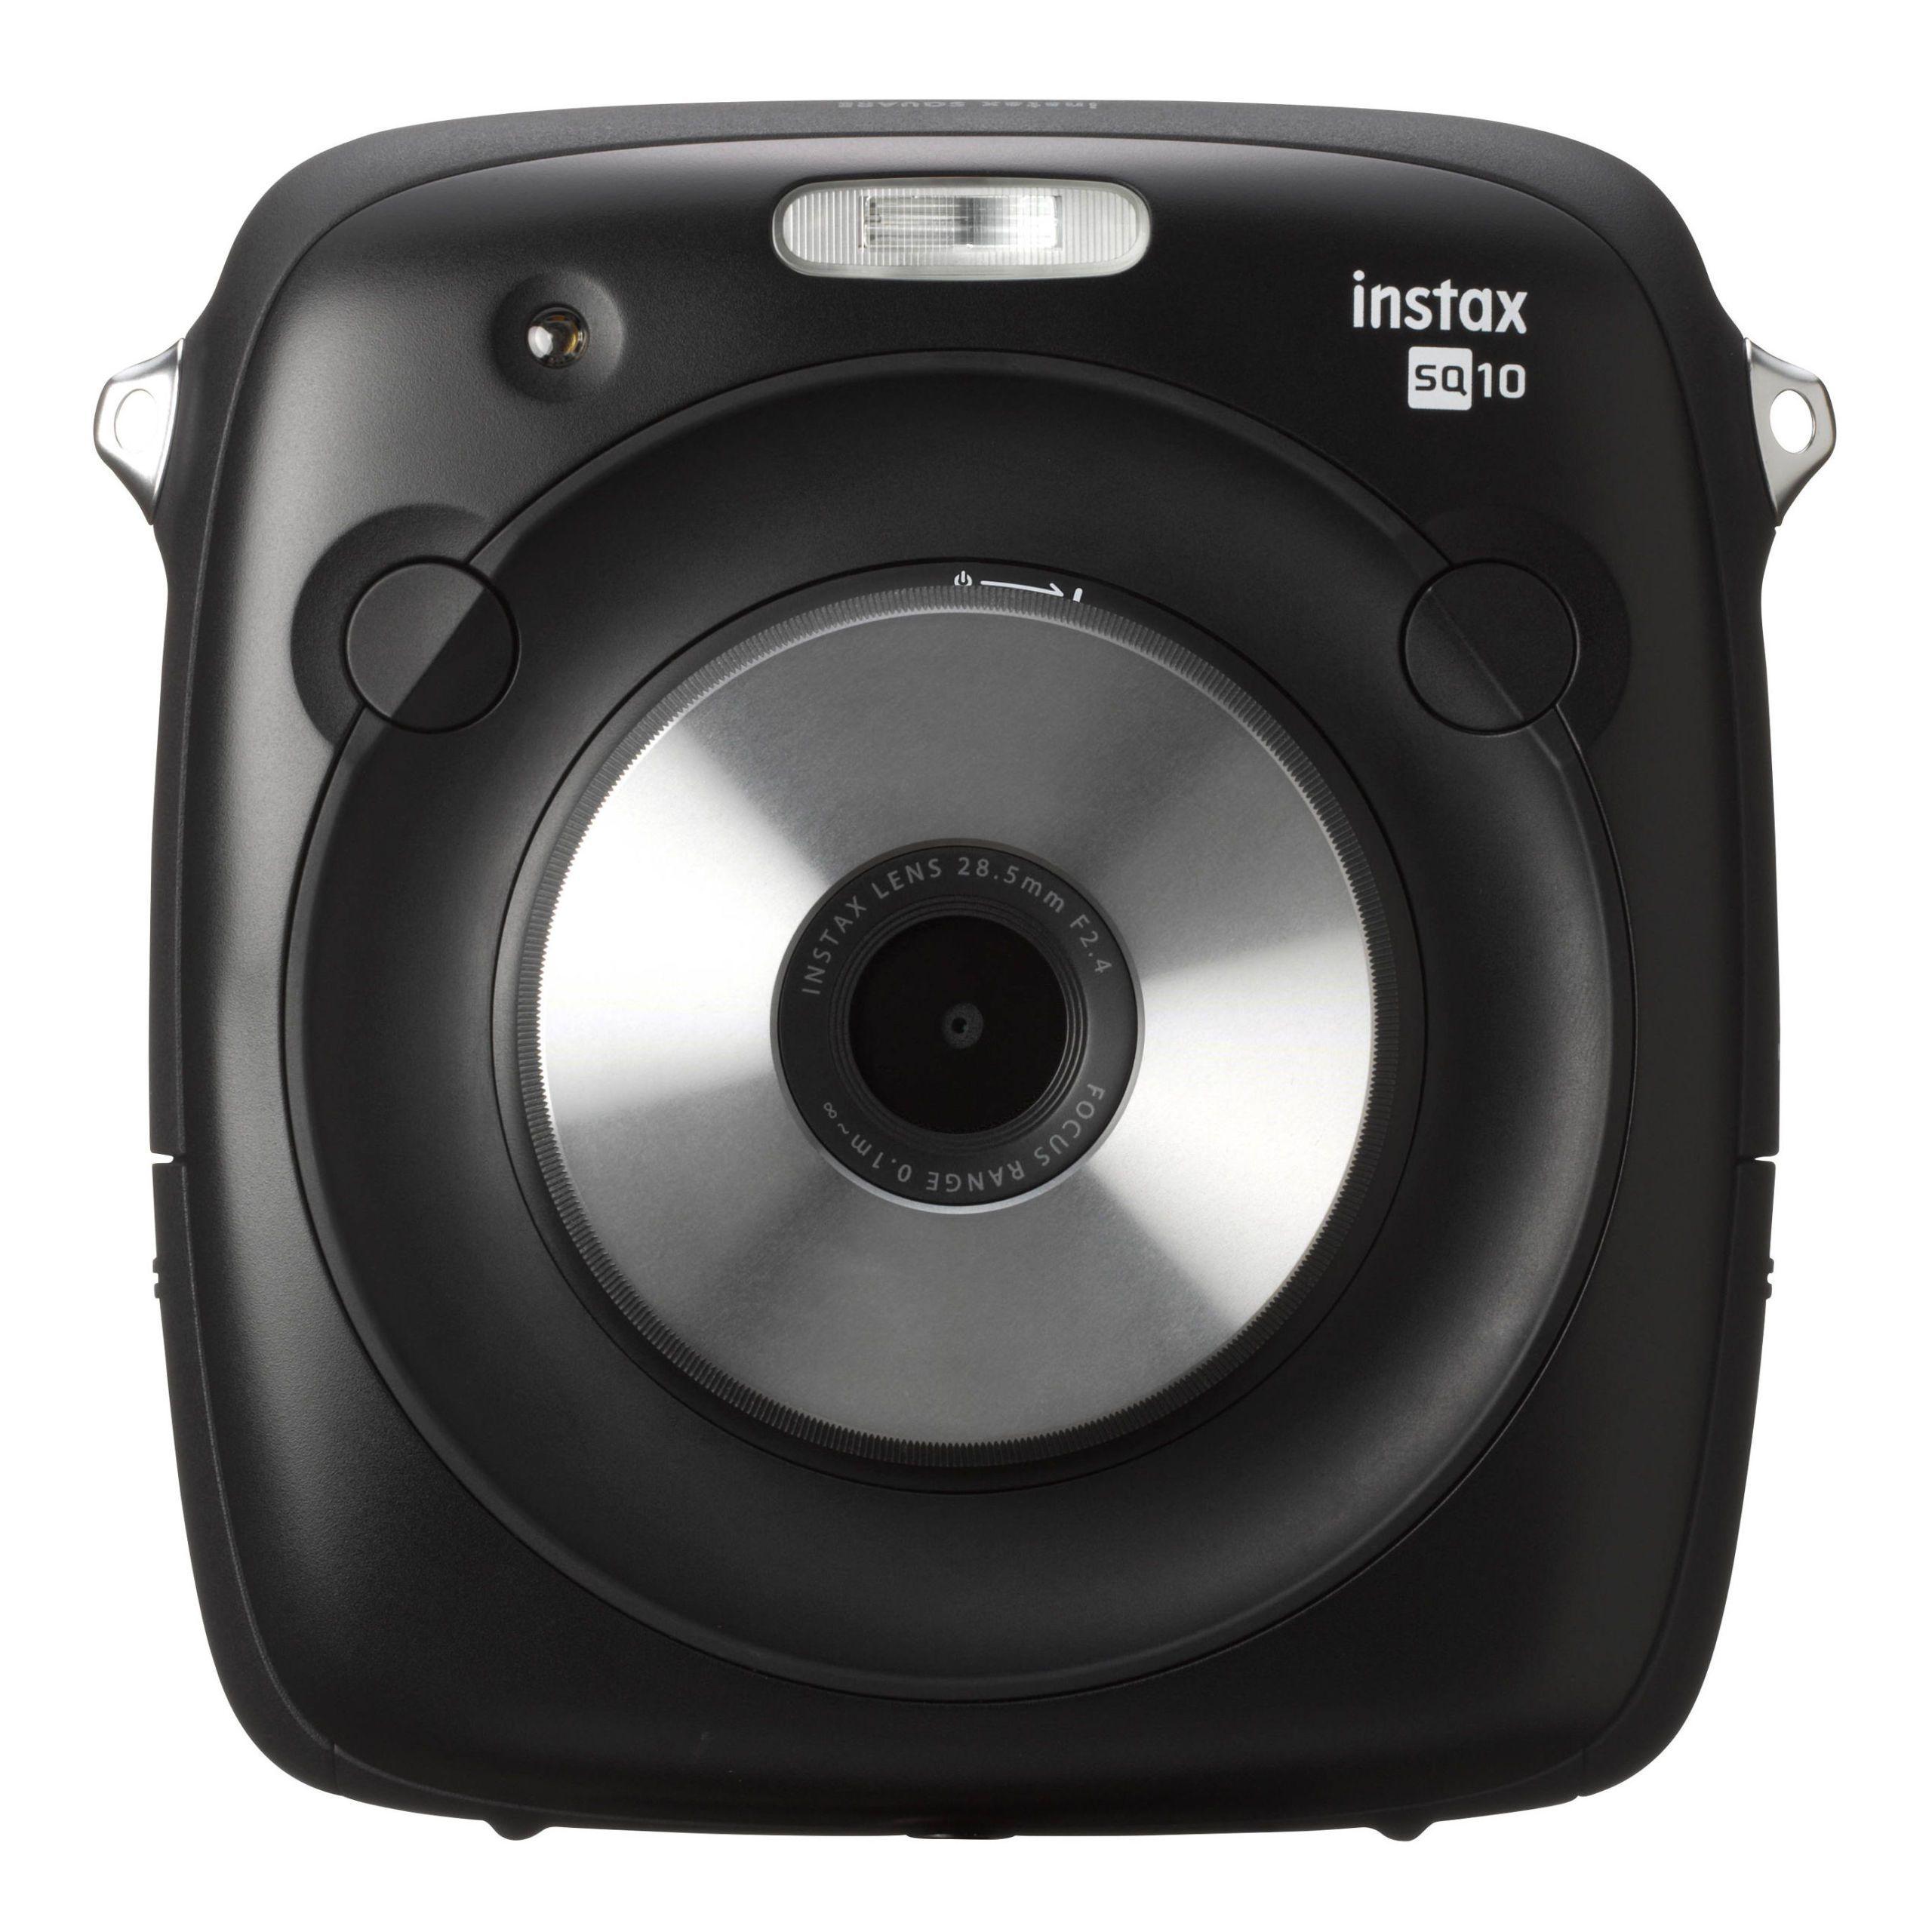 fotocamere con stampa istantanea - Fujifilm instax Square SQ10